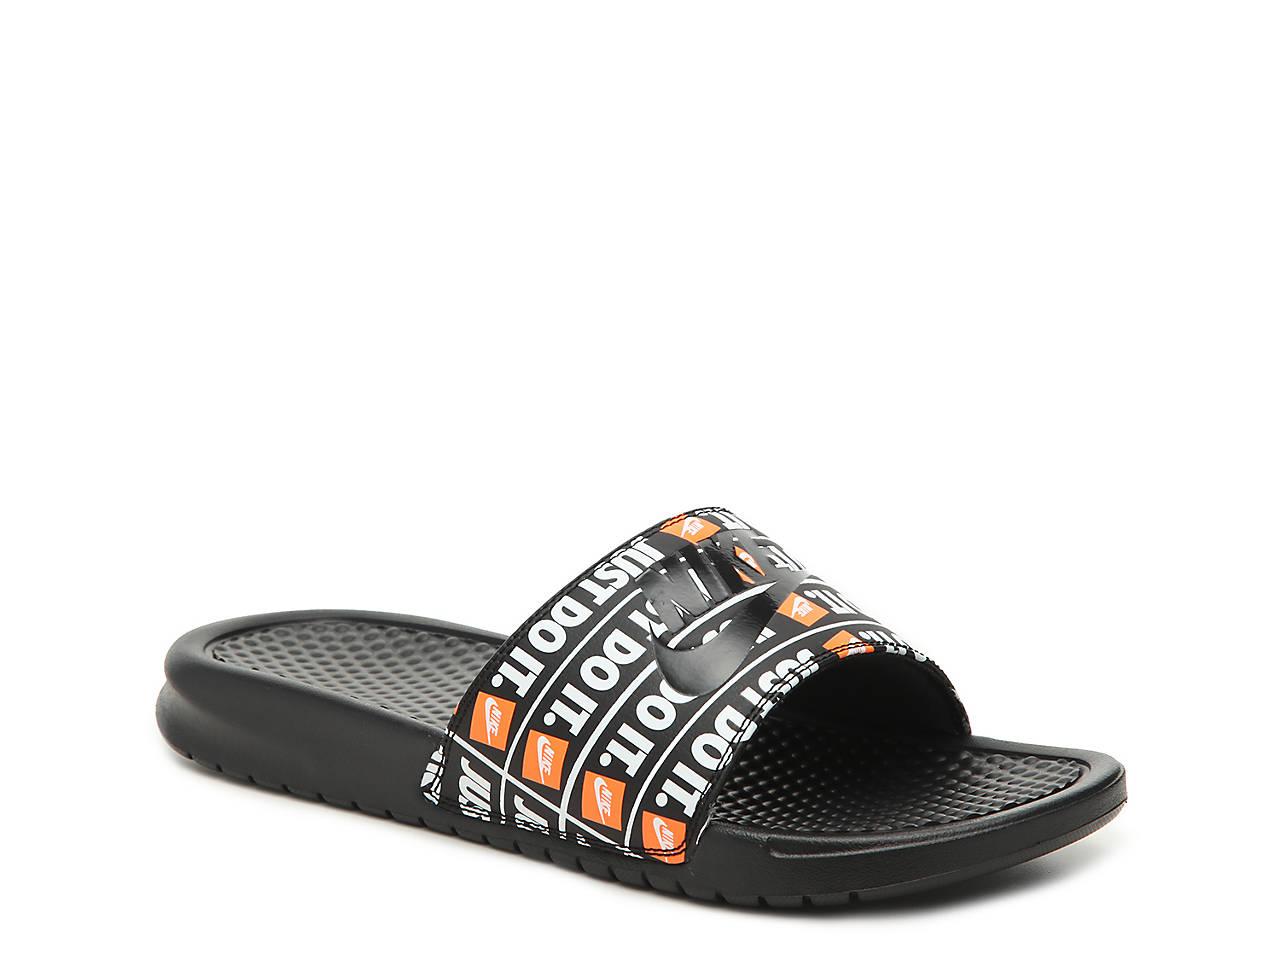 Nike Benassi Just Do It Slide Sandal - Men s Men s Shoes  fc7e1ea96